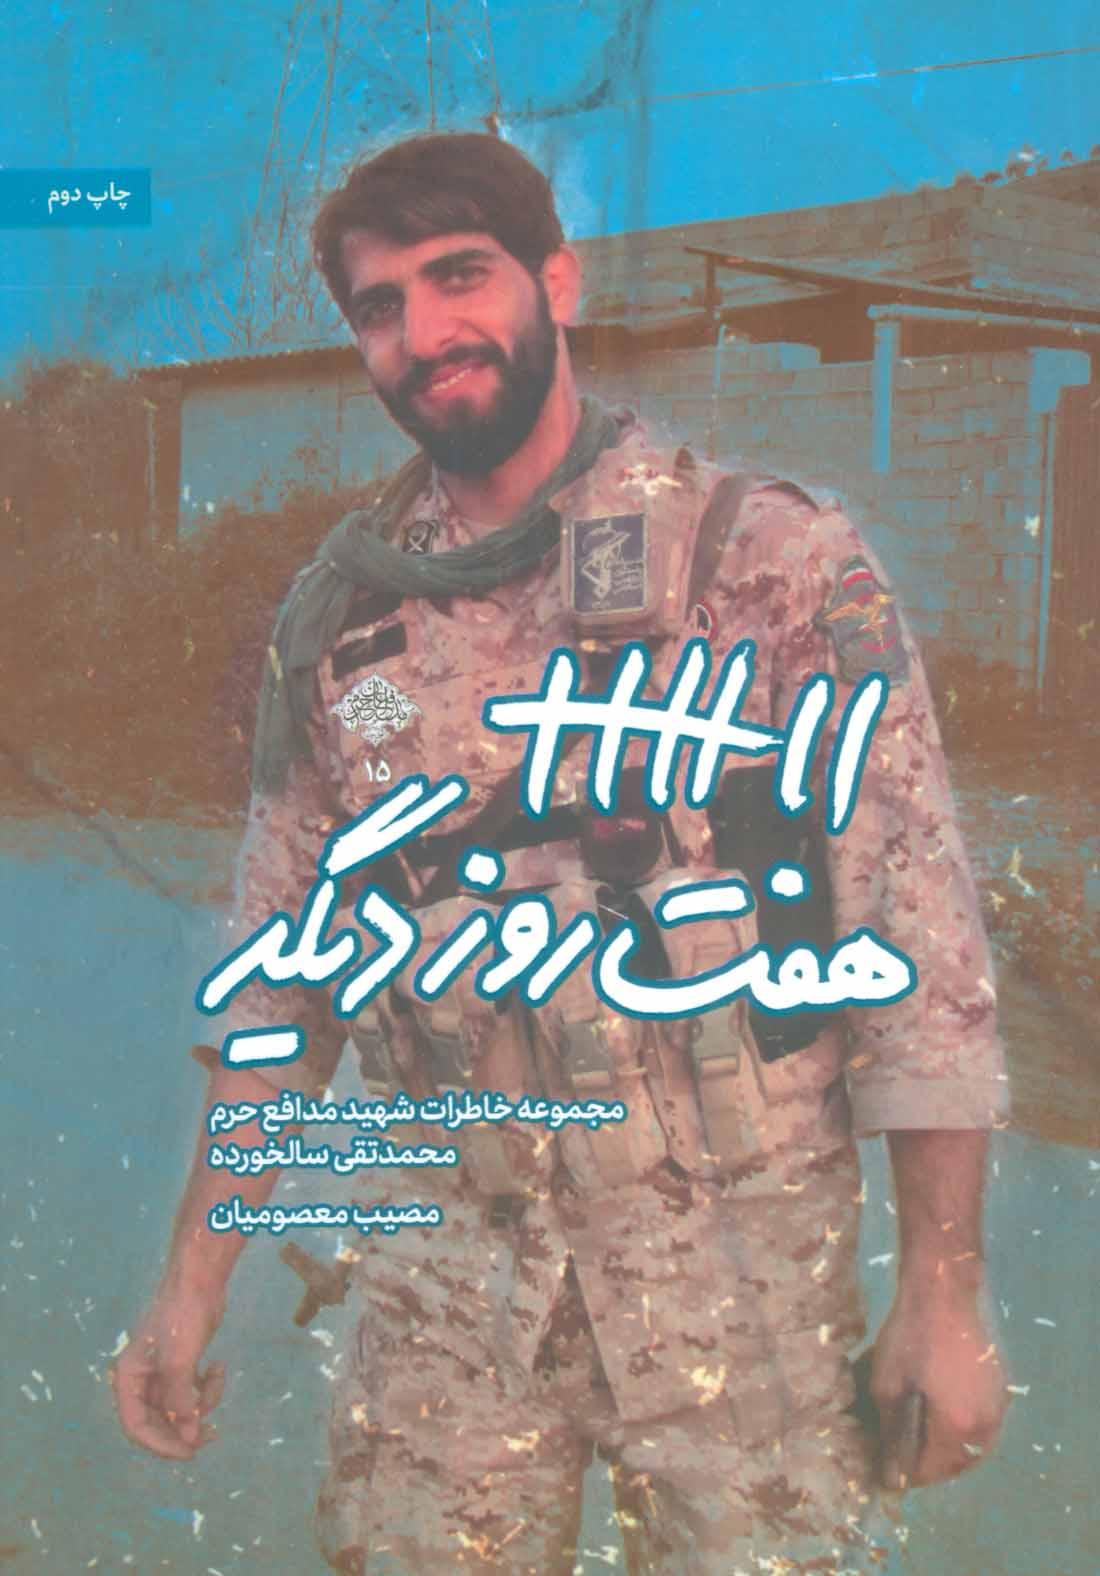 هفت روز دیگر (خاطرات شهید مدافع حرم محمدتقی سالخورده)،(مدافعان حرم15)